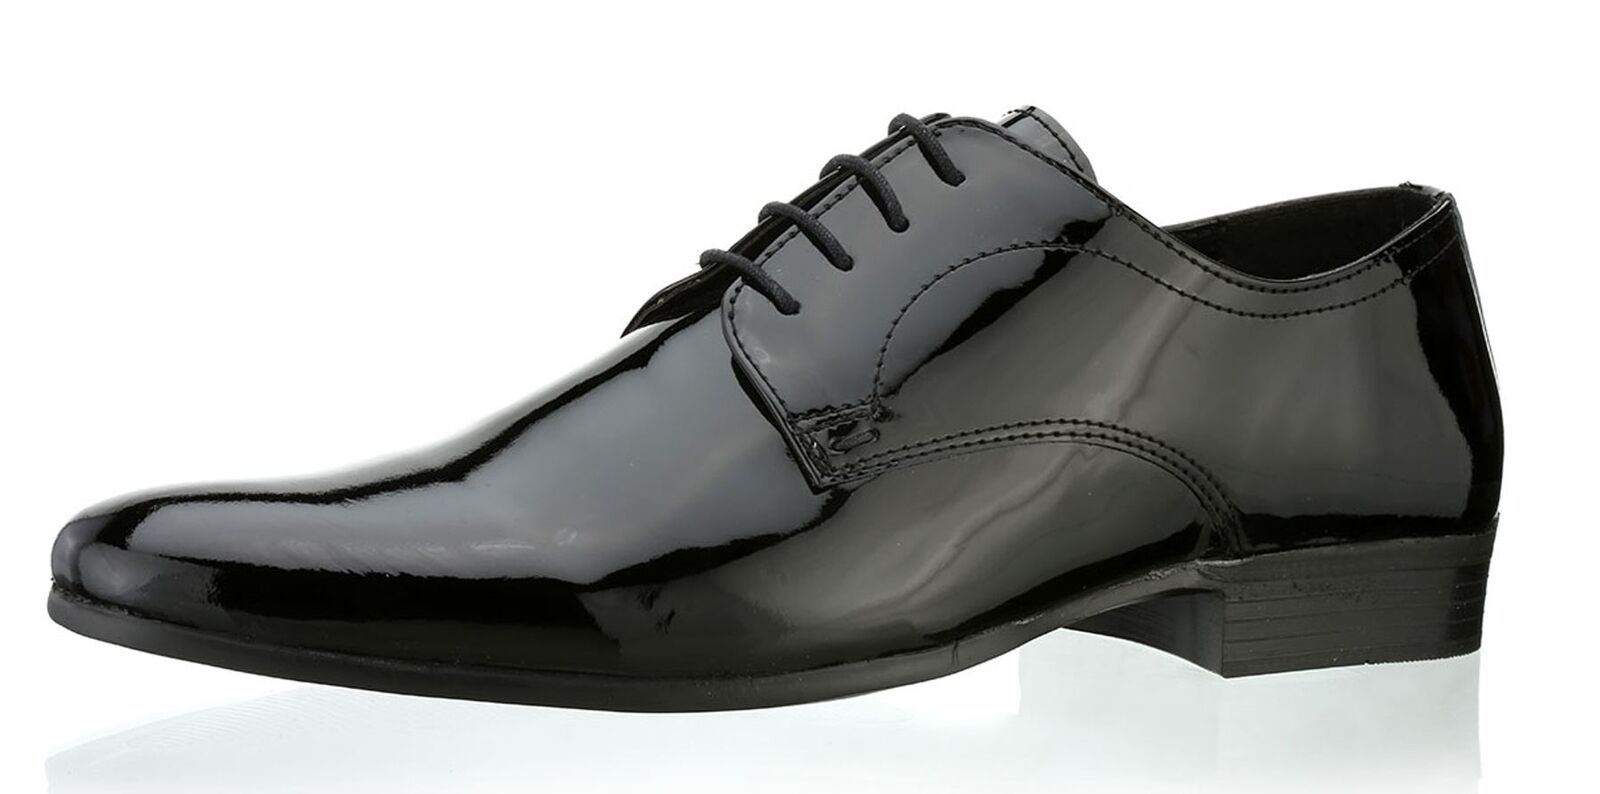 Red Tape southhill Herren Leder Patent Formelle Schuhe schwarz